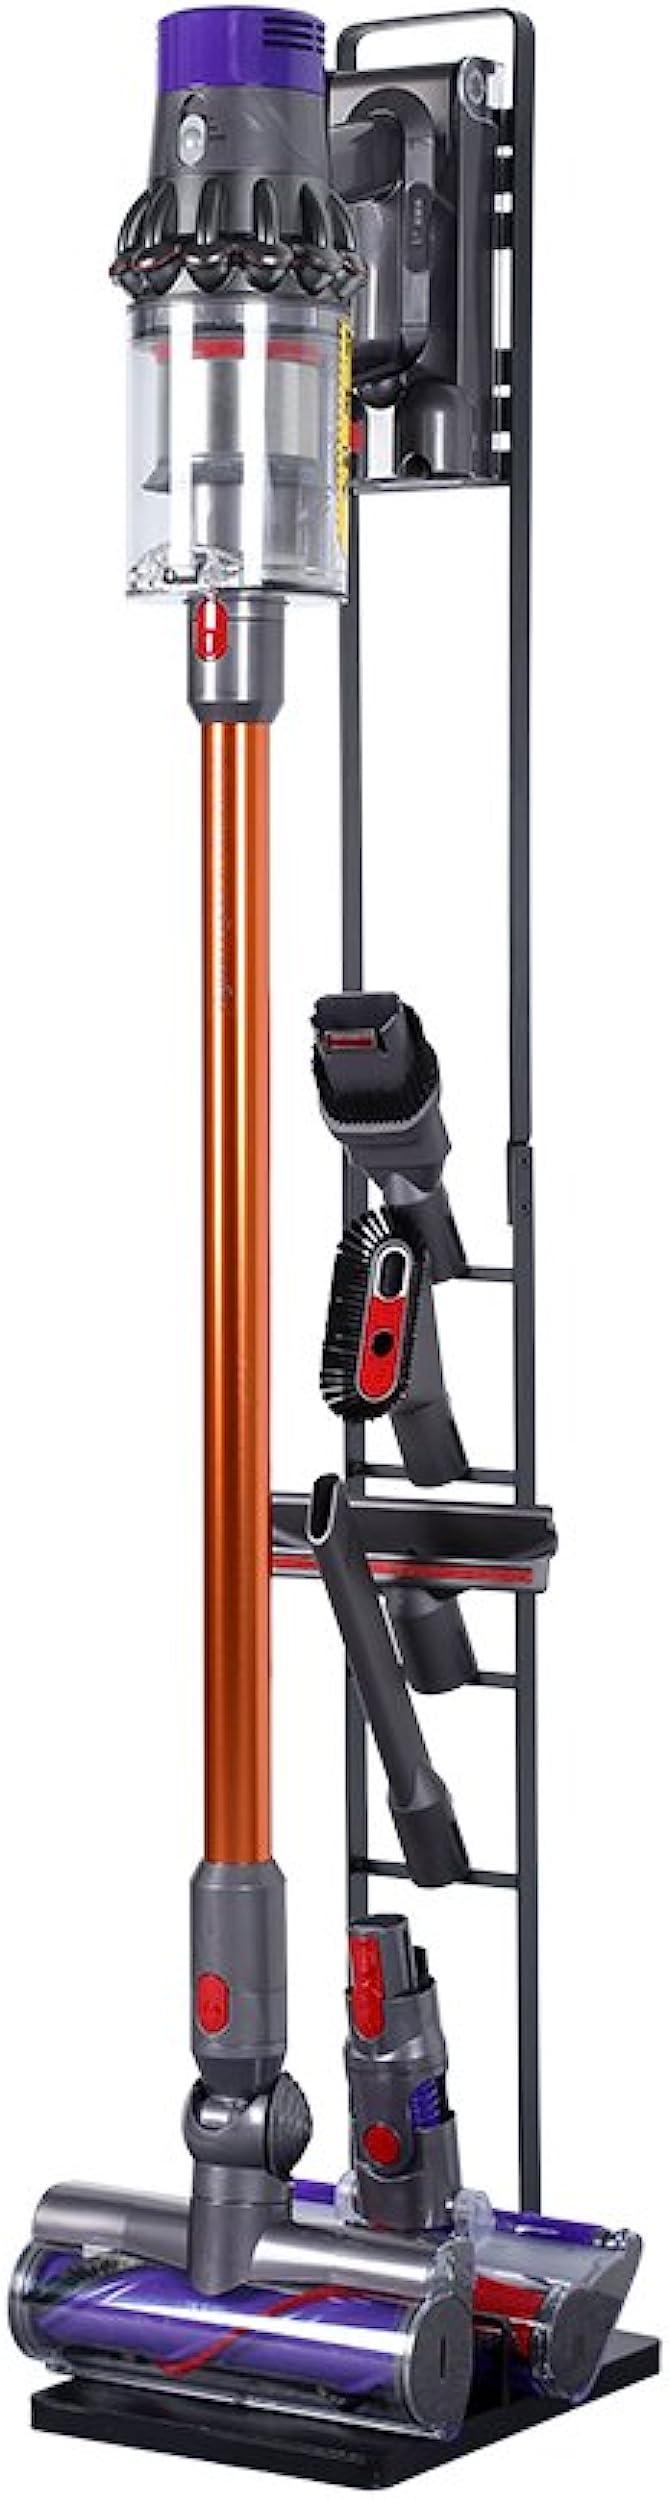 Dinggreat supporto per accessori aspirapolvere, stand da pavimento per dyson